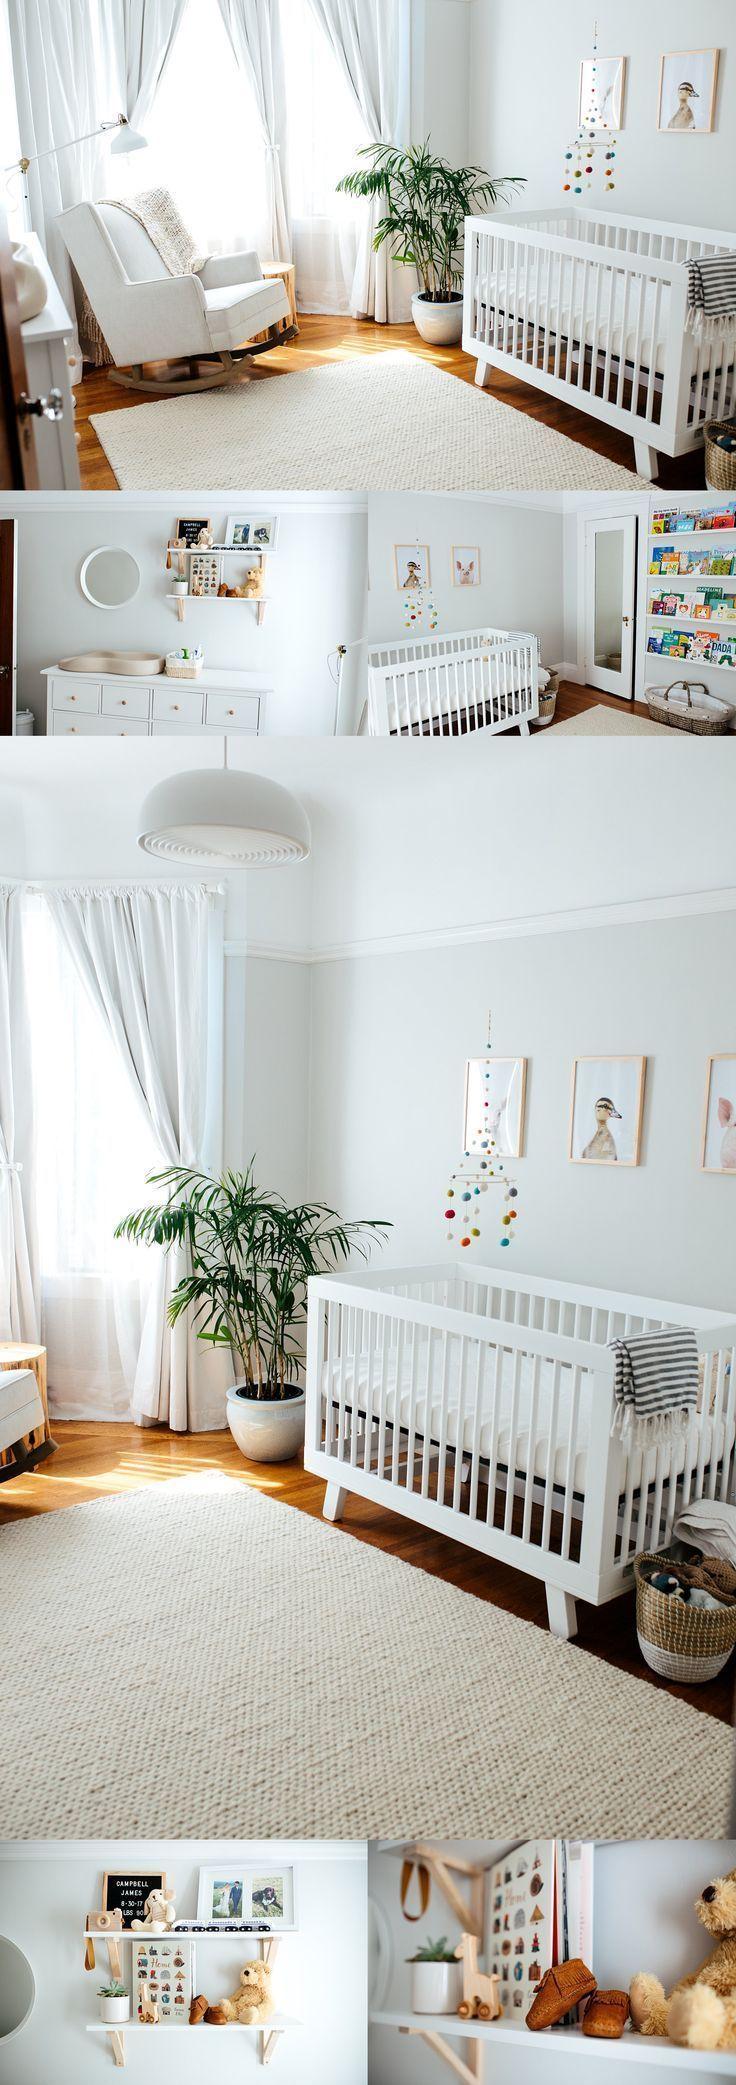 20 Child Woman Room Concepts (Die süßeste Überladung) Toys, Kids & Baby #Baby #die #Girl #ideas #ROOM